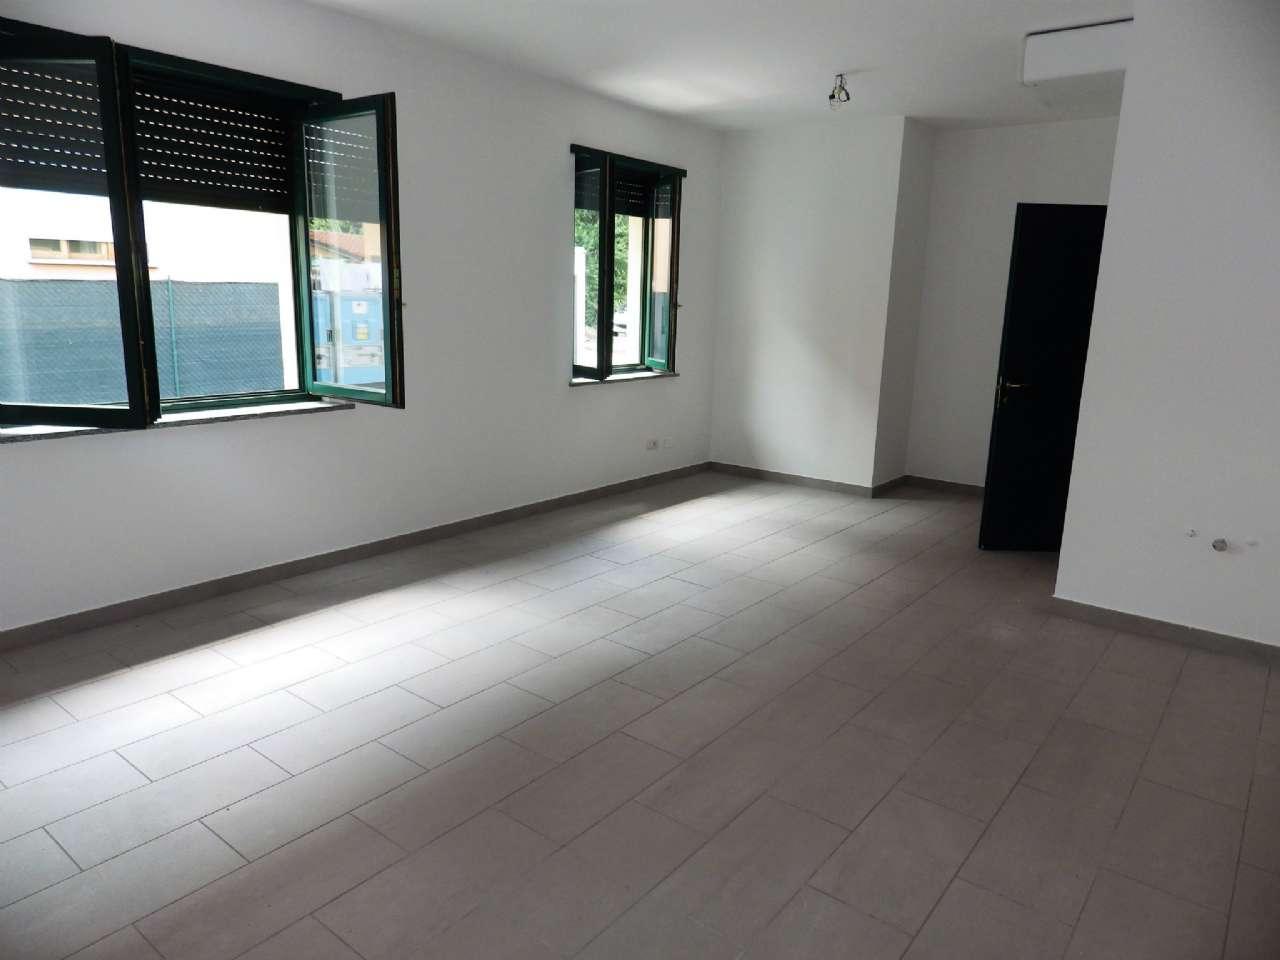 Ufficio in Affitto a Grugliasco